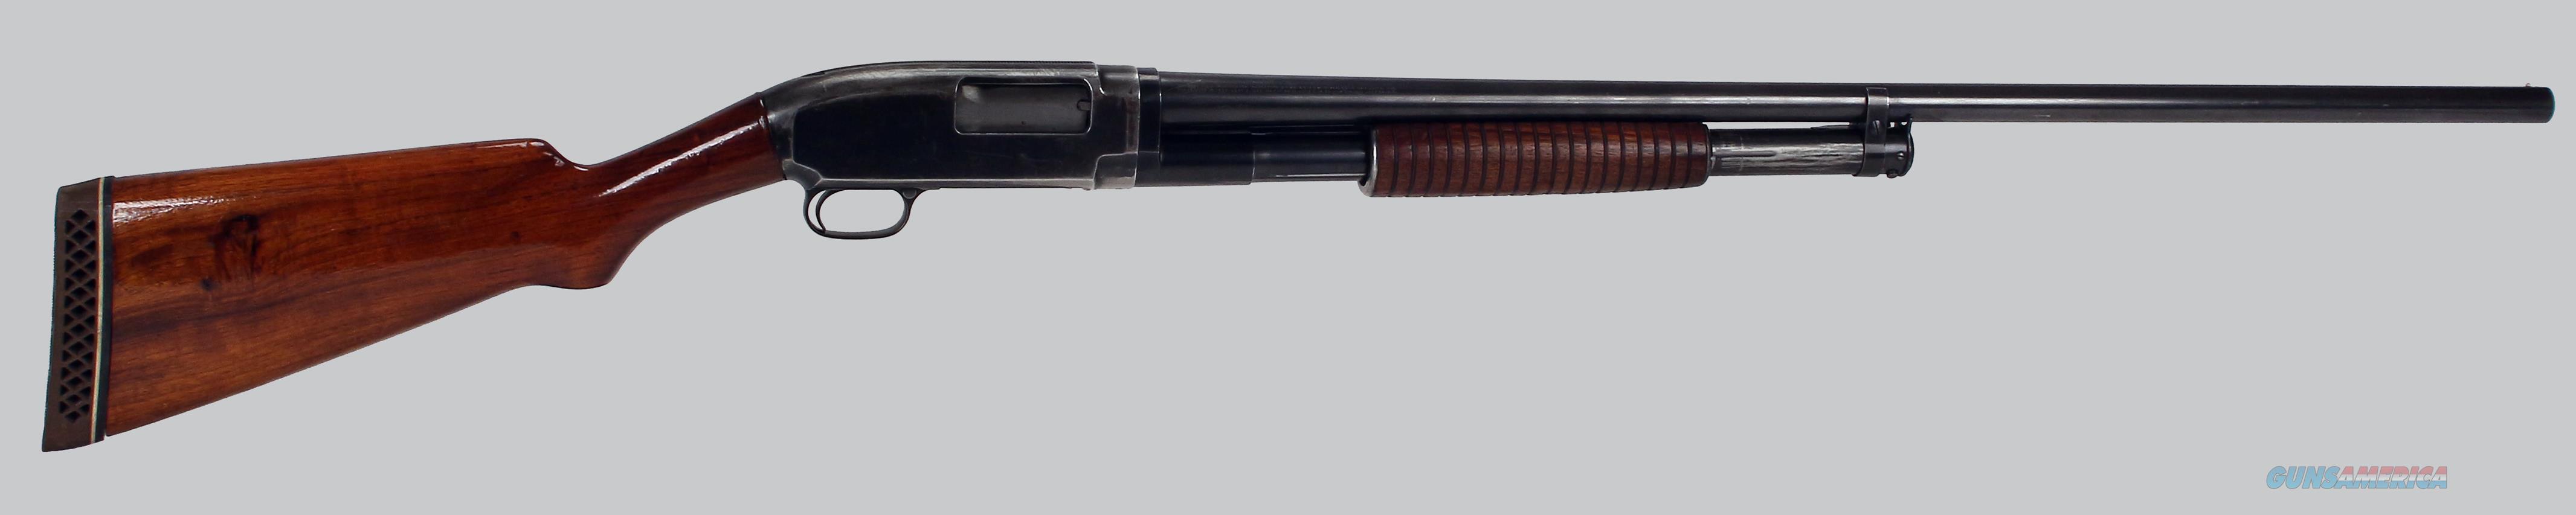 Winchester Model 12 Pump 12ga Shotgun  Guns > Shotguns > Winchester Shotguns - Modern > Pump Action > Hunting